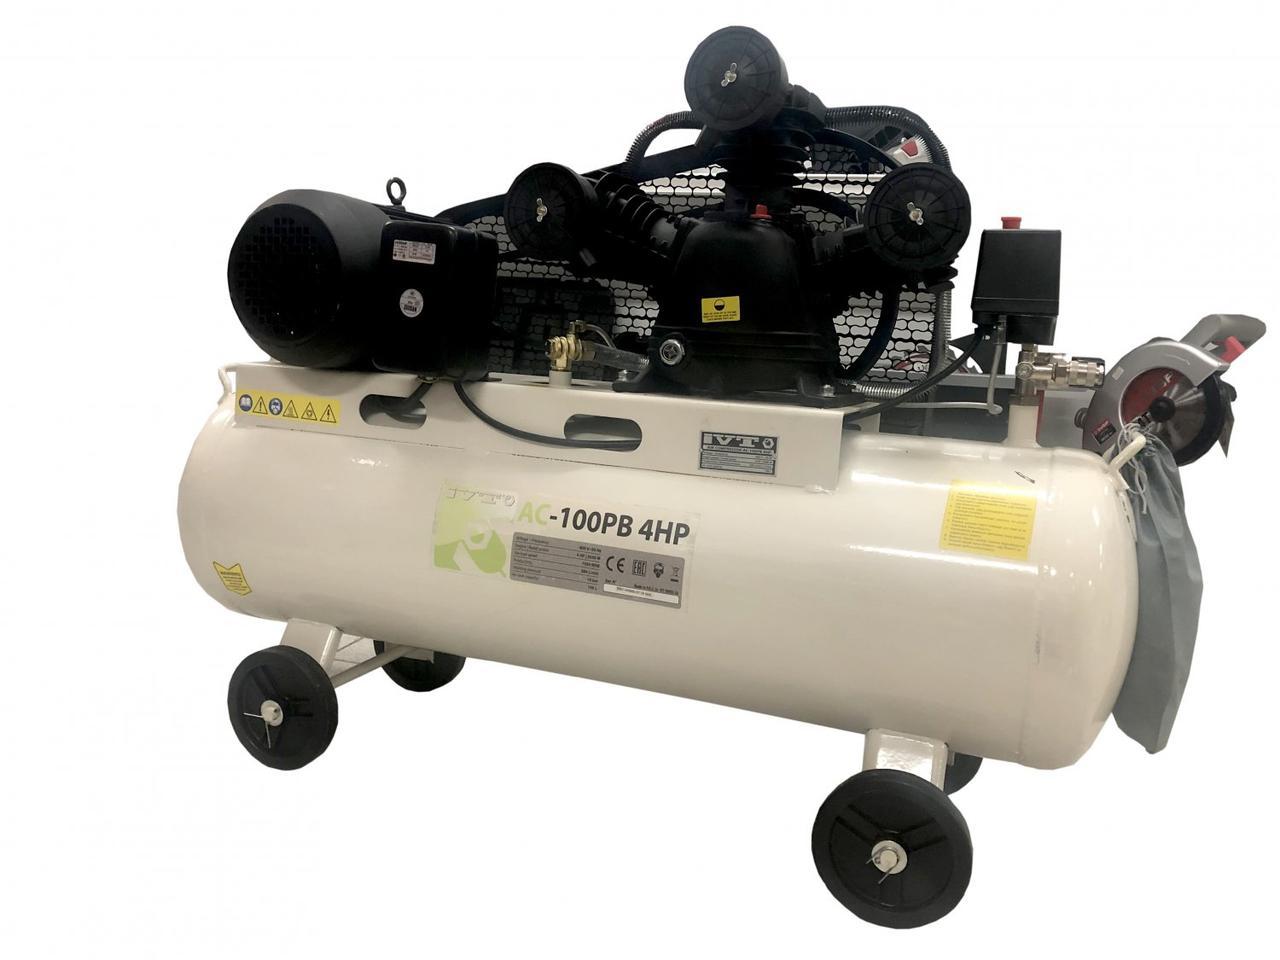 Воздушный компрессор IVT AC-100PB 4HP - 100 литров